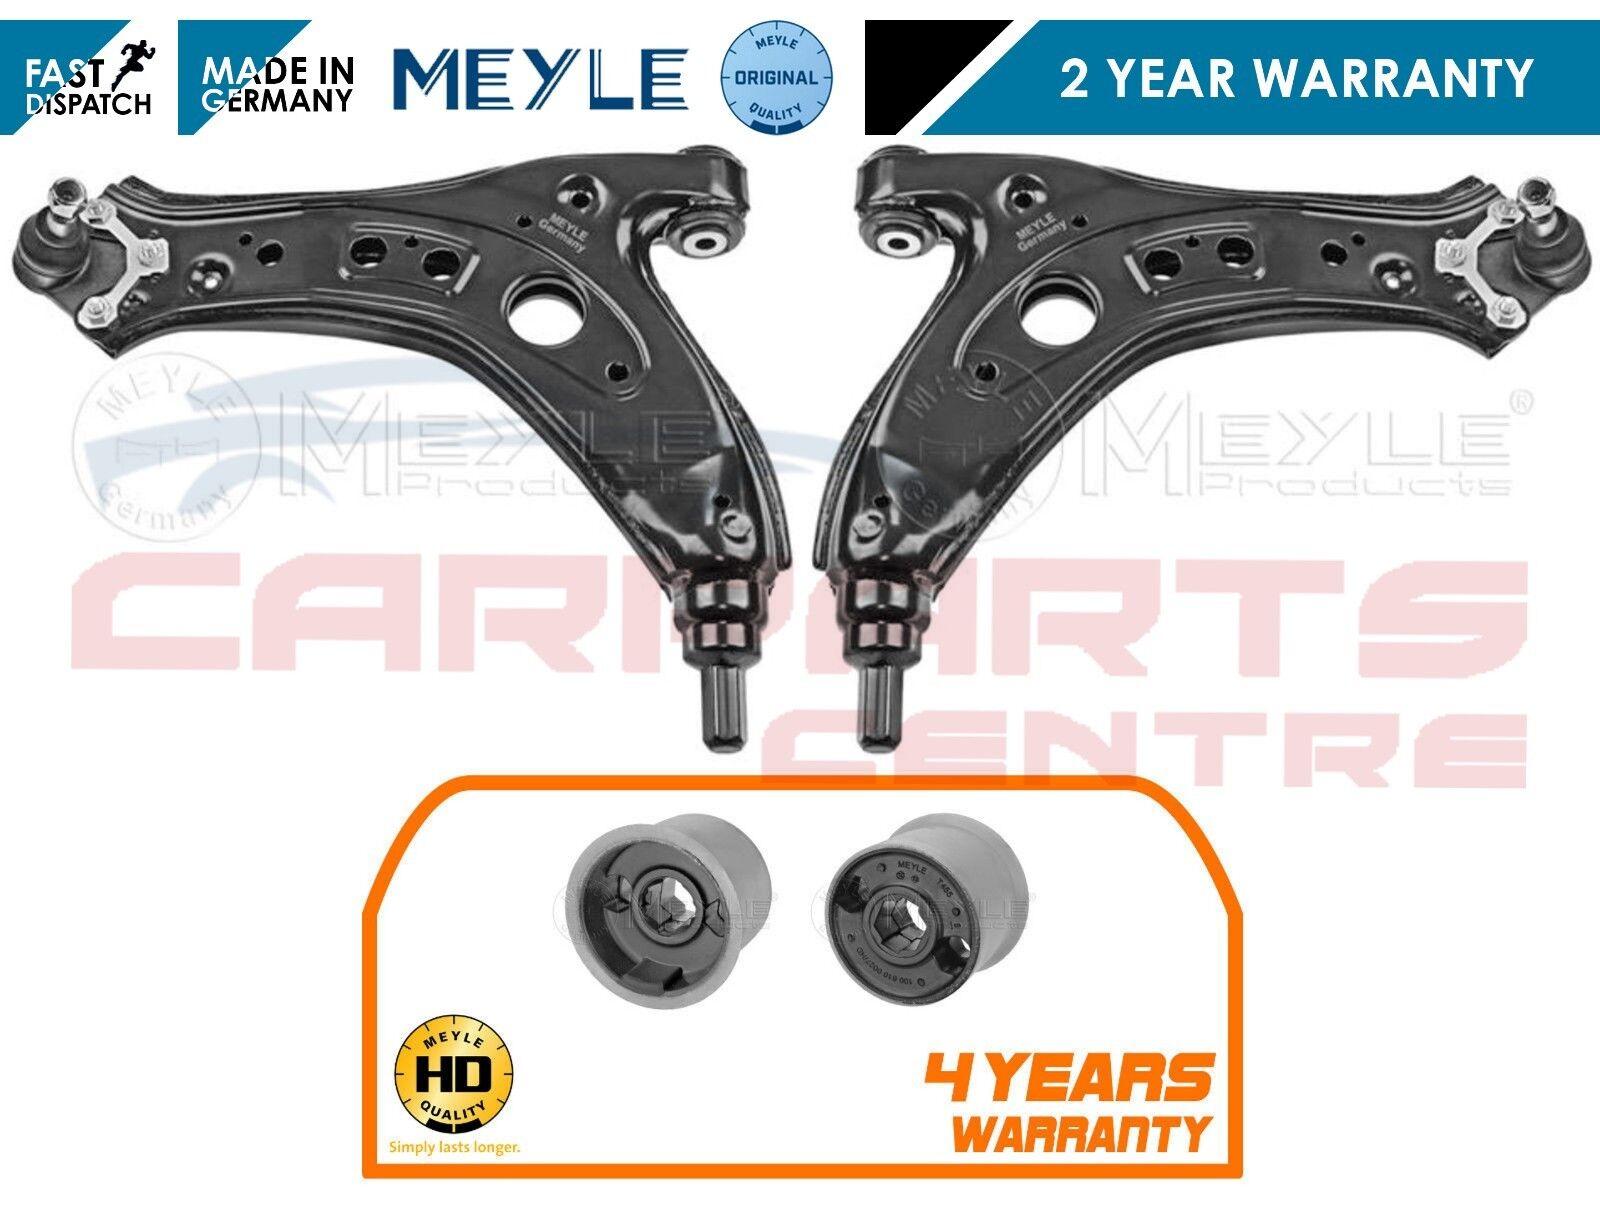 Pour vw polo 9N 02-09 avant inférieur gauche suspension wishbone bras contrôle ball joint